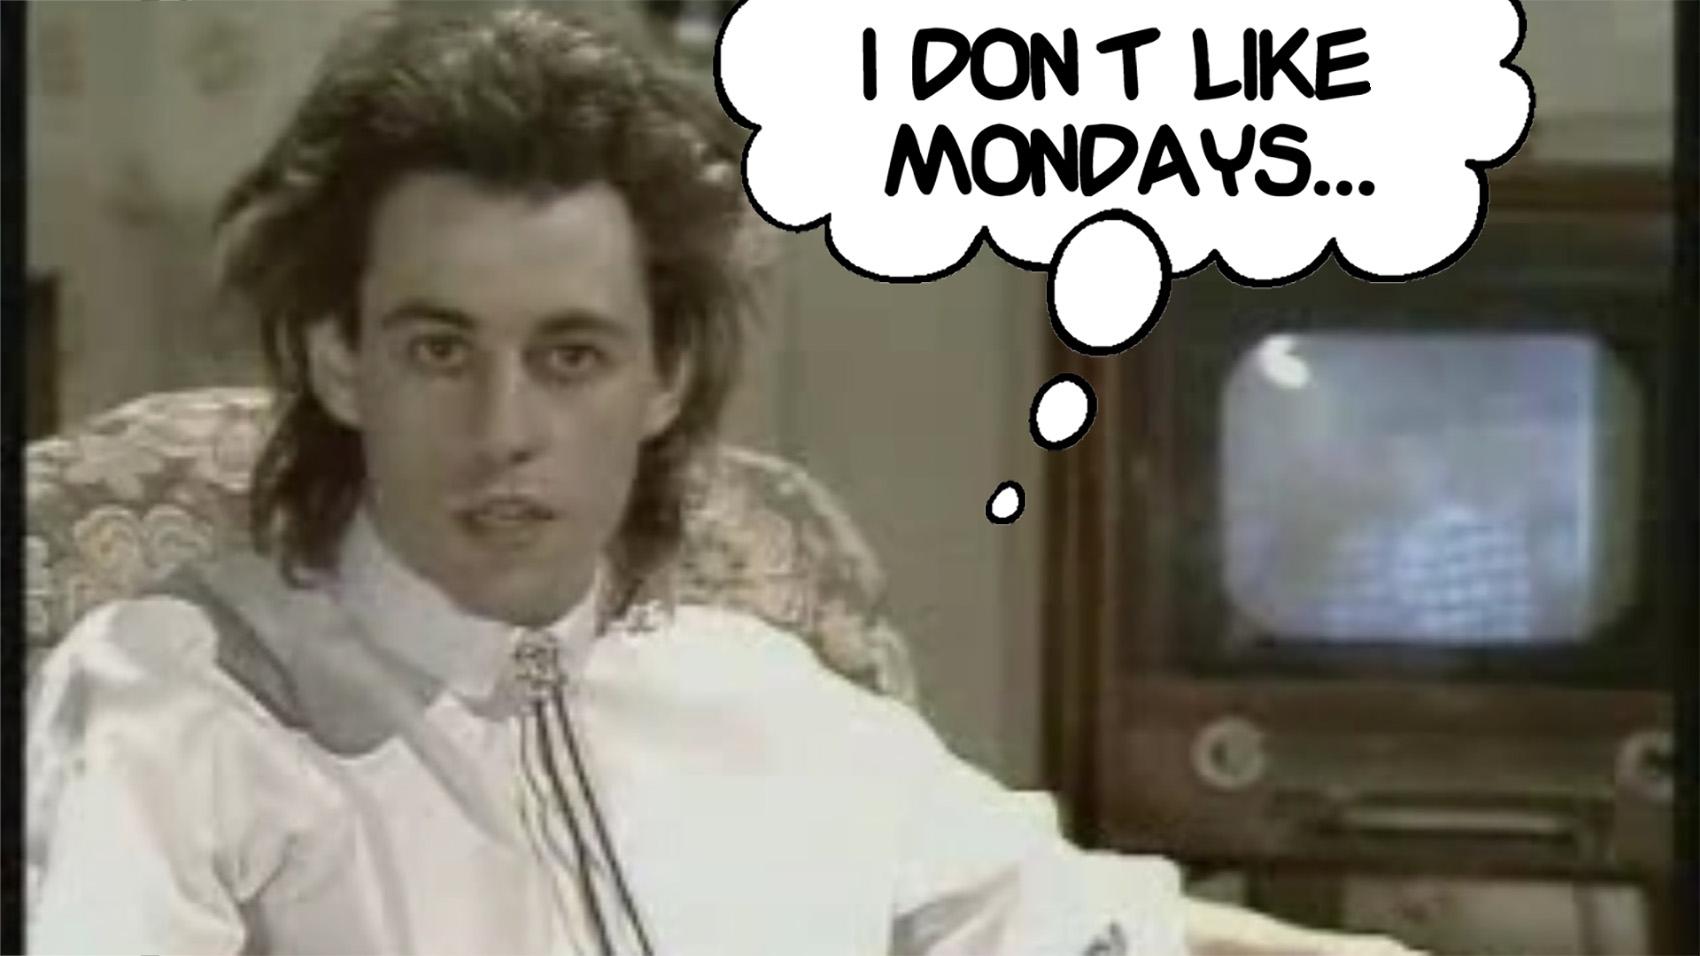 I DonT Like Mondays